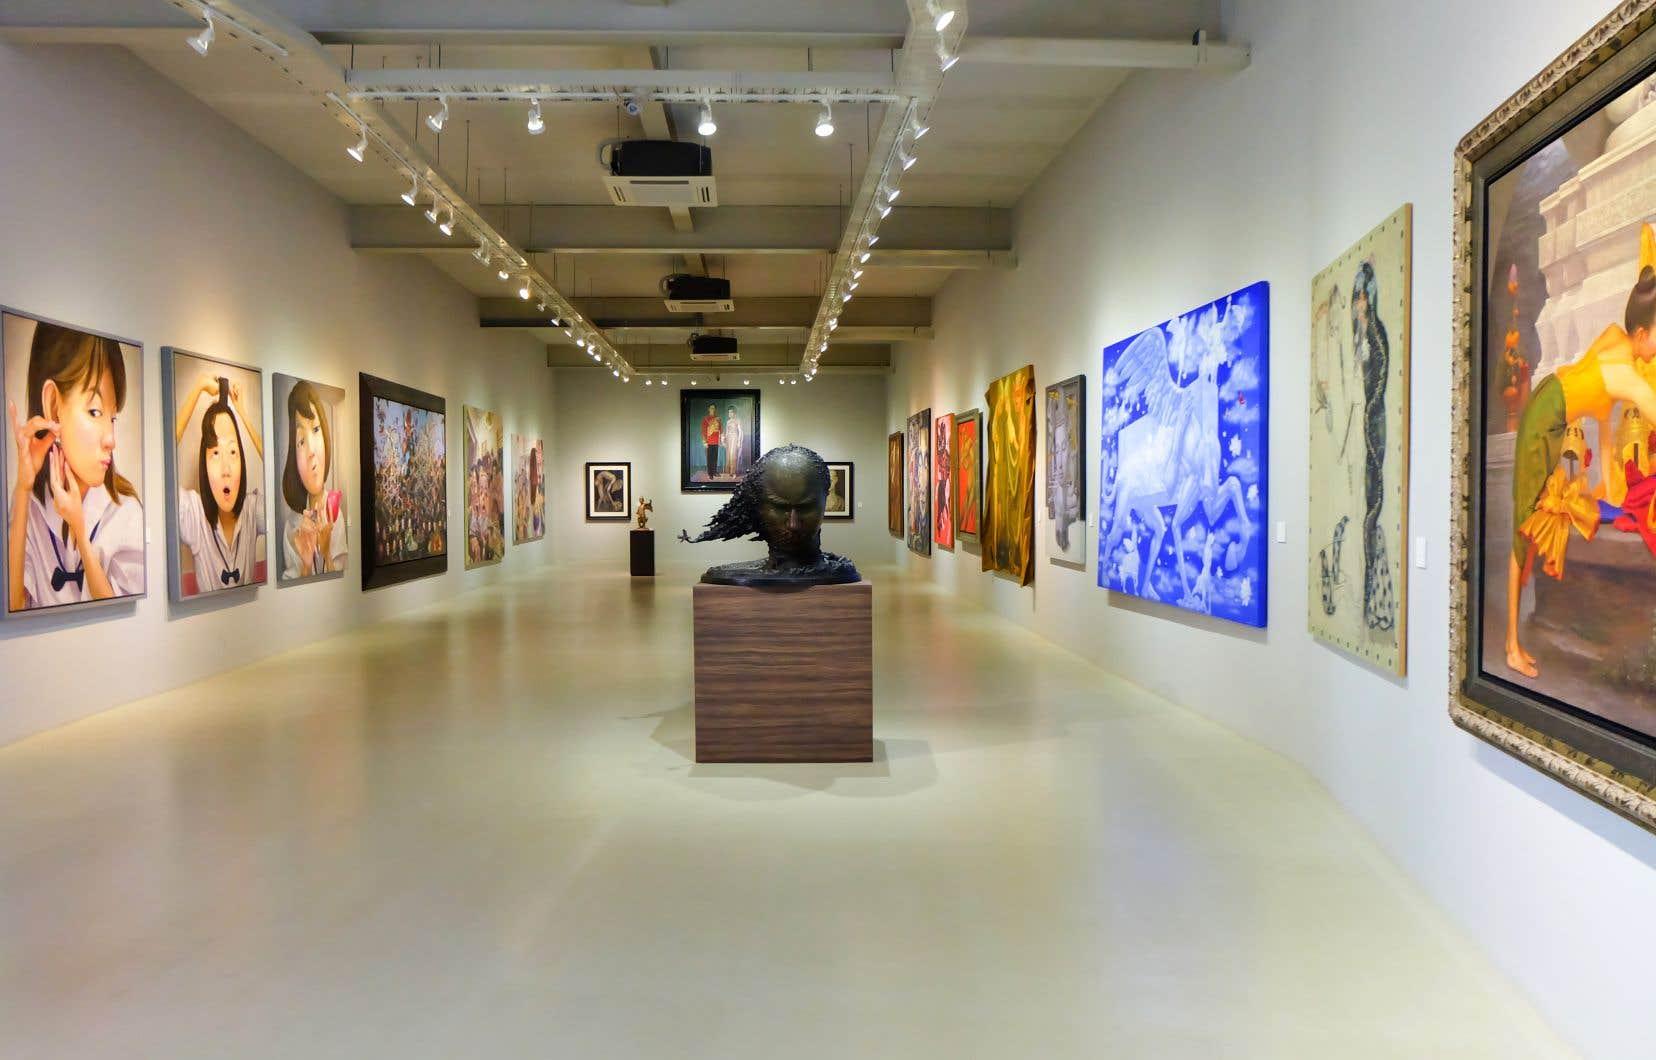 «Les musées nationaux et les musées privés du Québec auraient cependant des raisons de se pencher sur cette manière de faire évoluer leur collection plutôt que d'afficher un